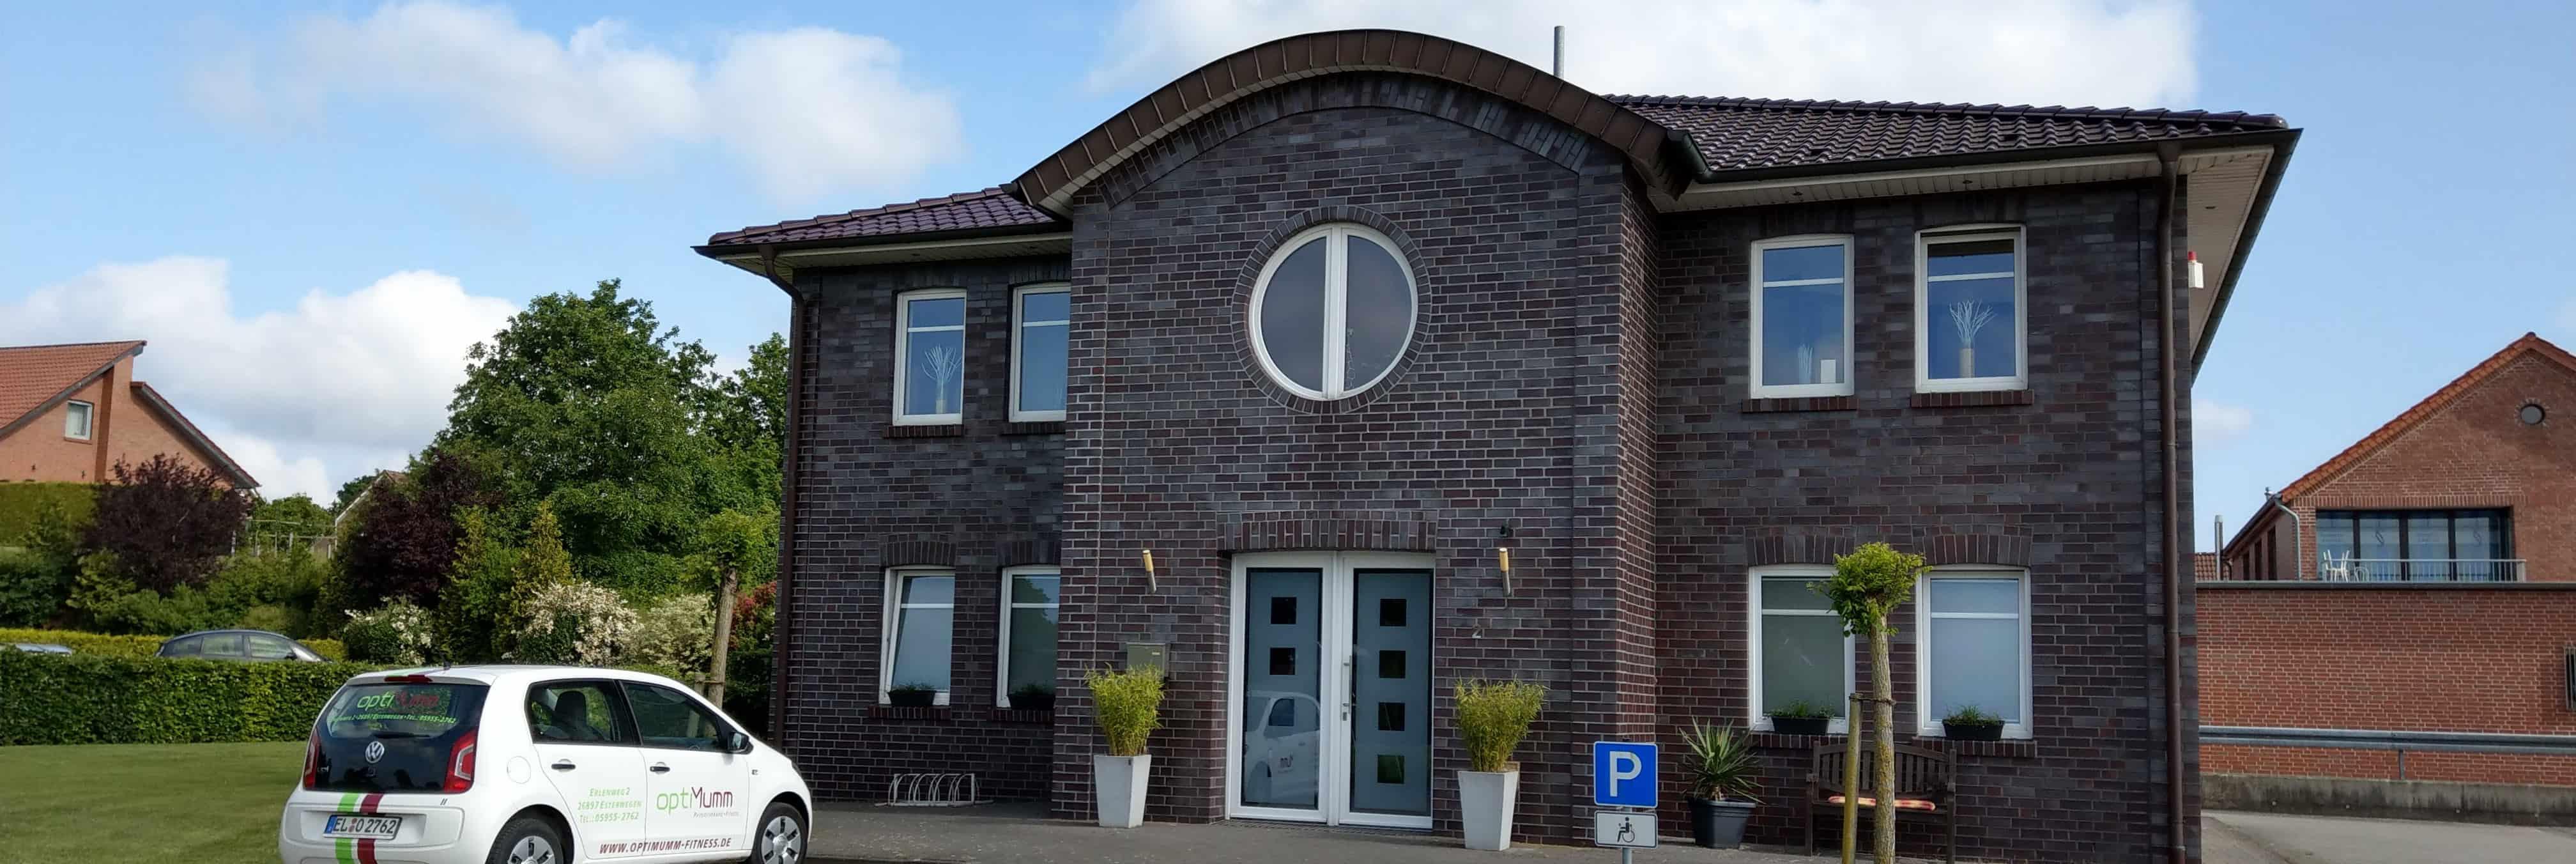 Optimumm Gebäude Außenansicht Fußleiste